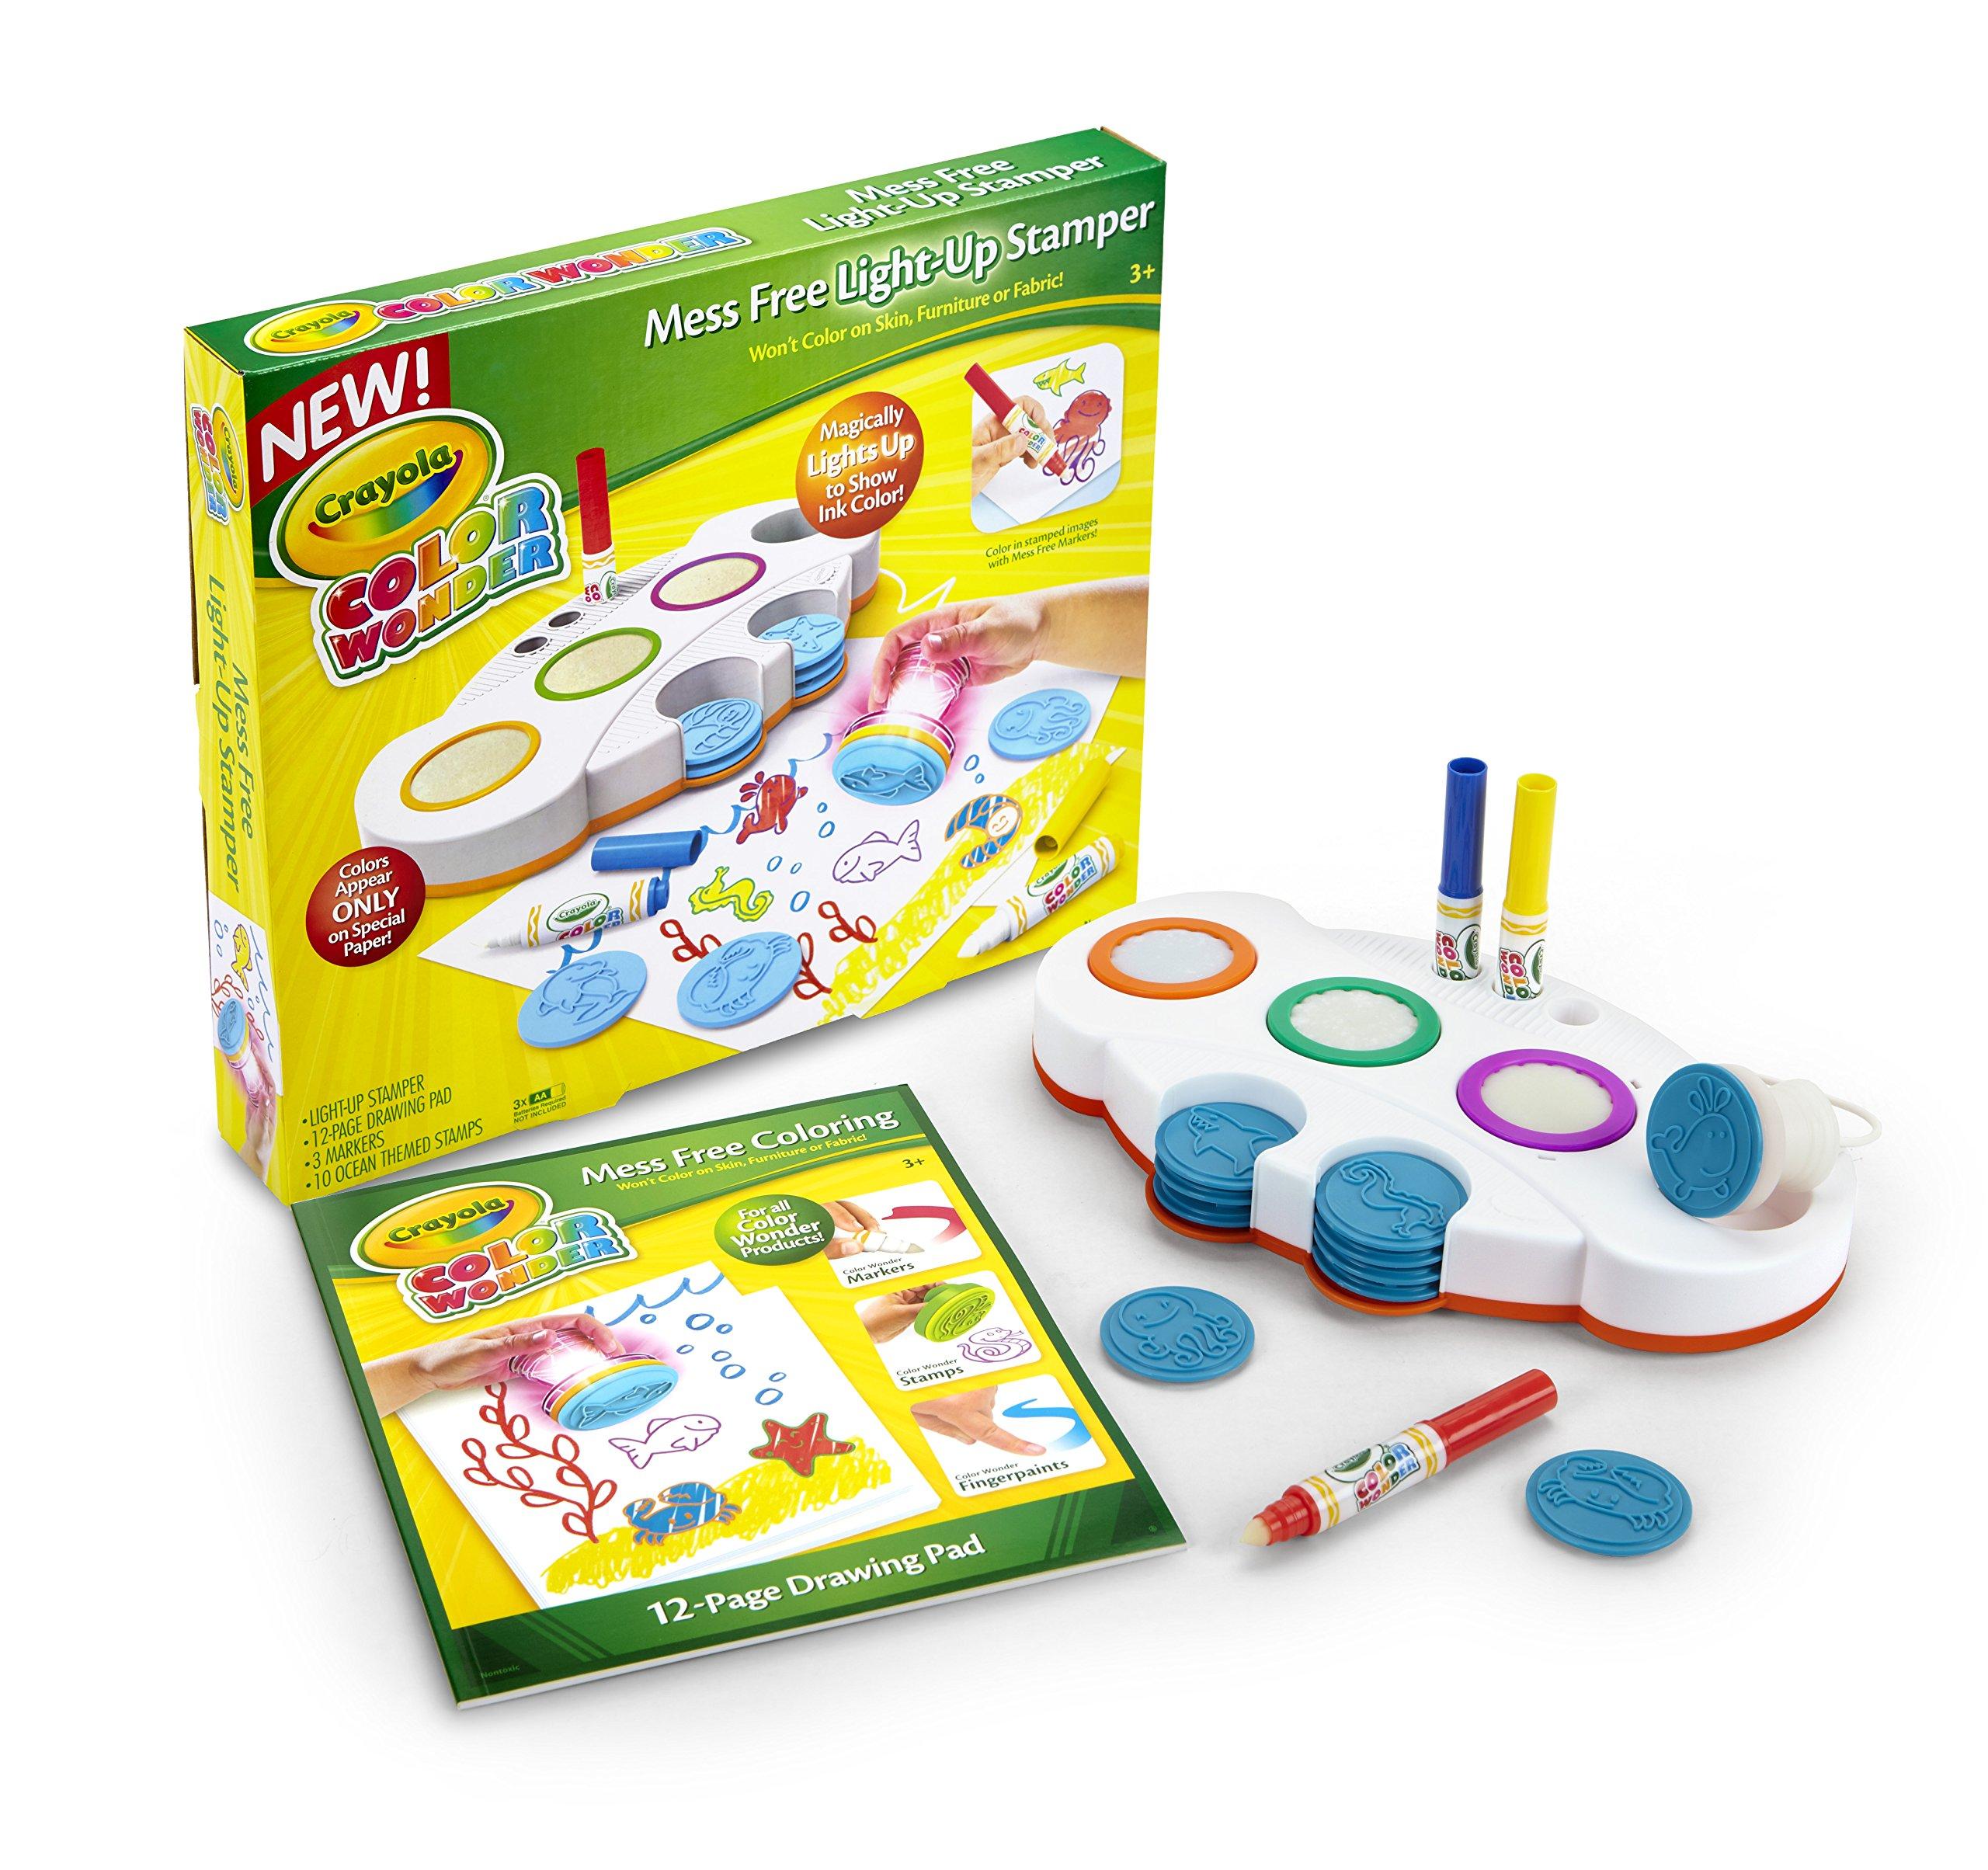 Crayola Color Wonder Mess Free Light Up Stamper Gift For Kids Ages 3 4 5 6